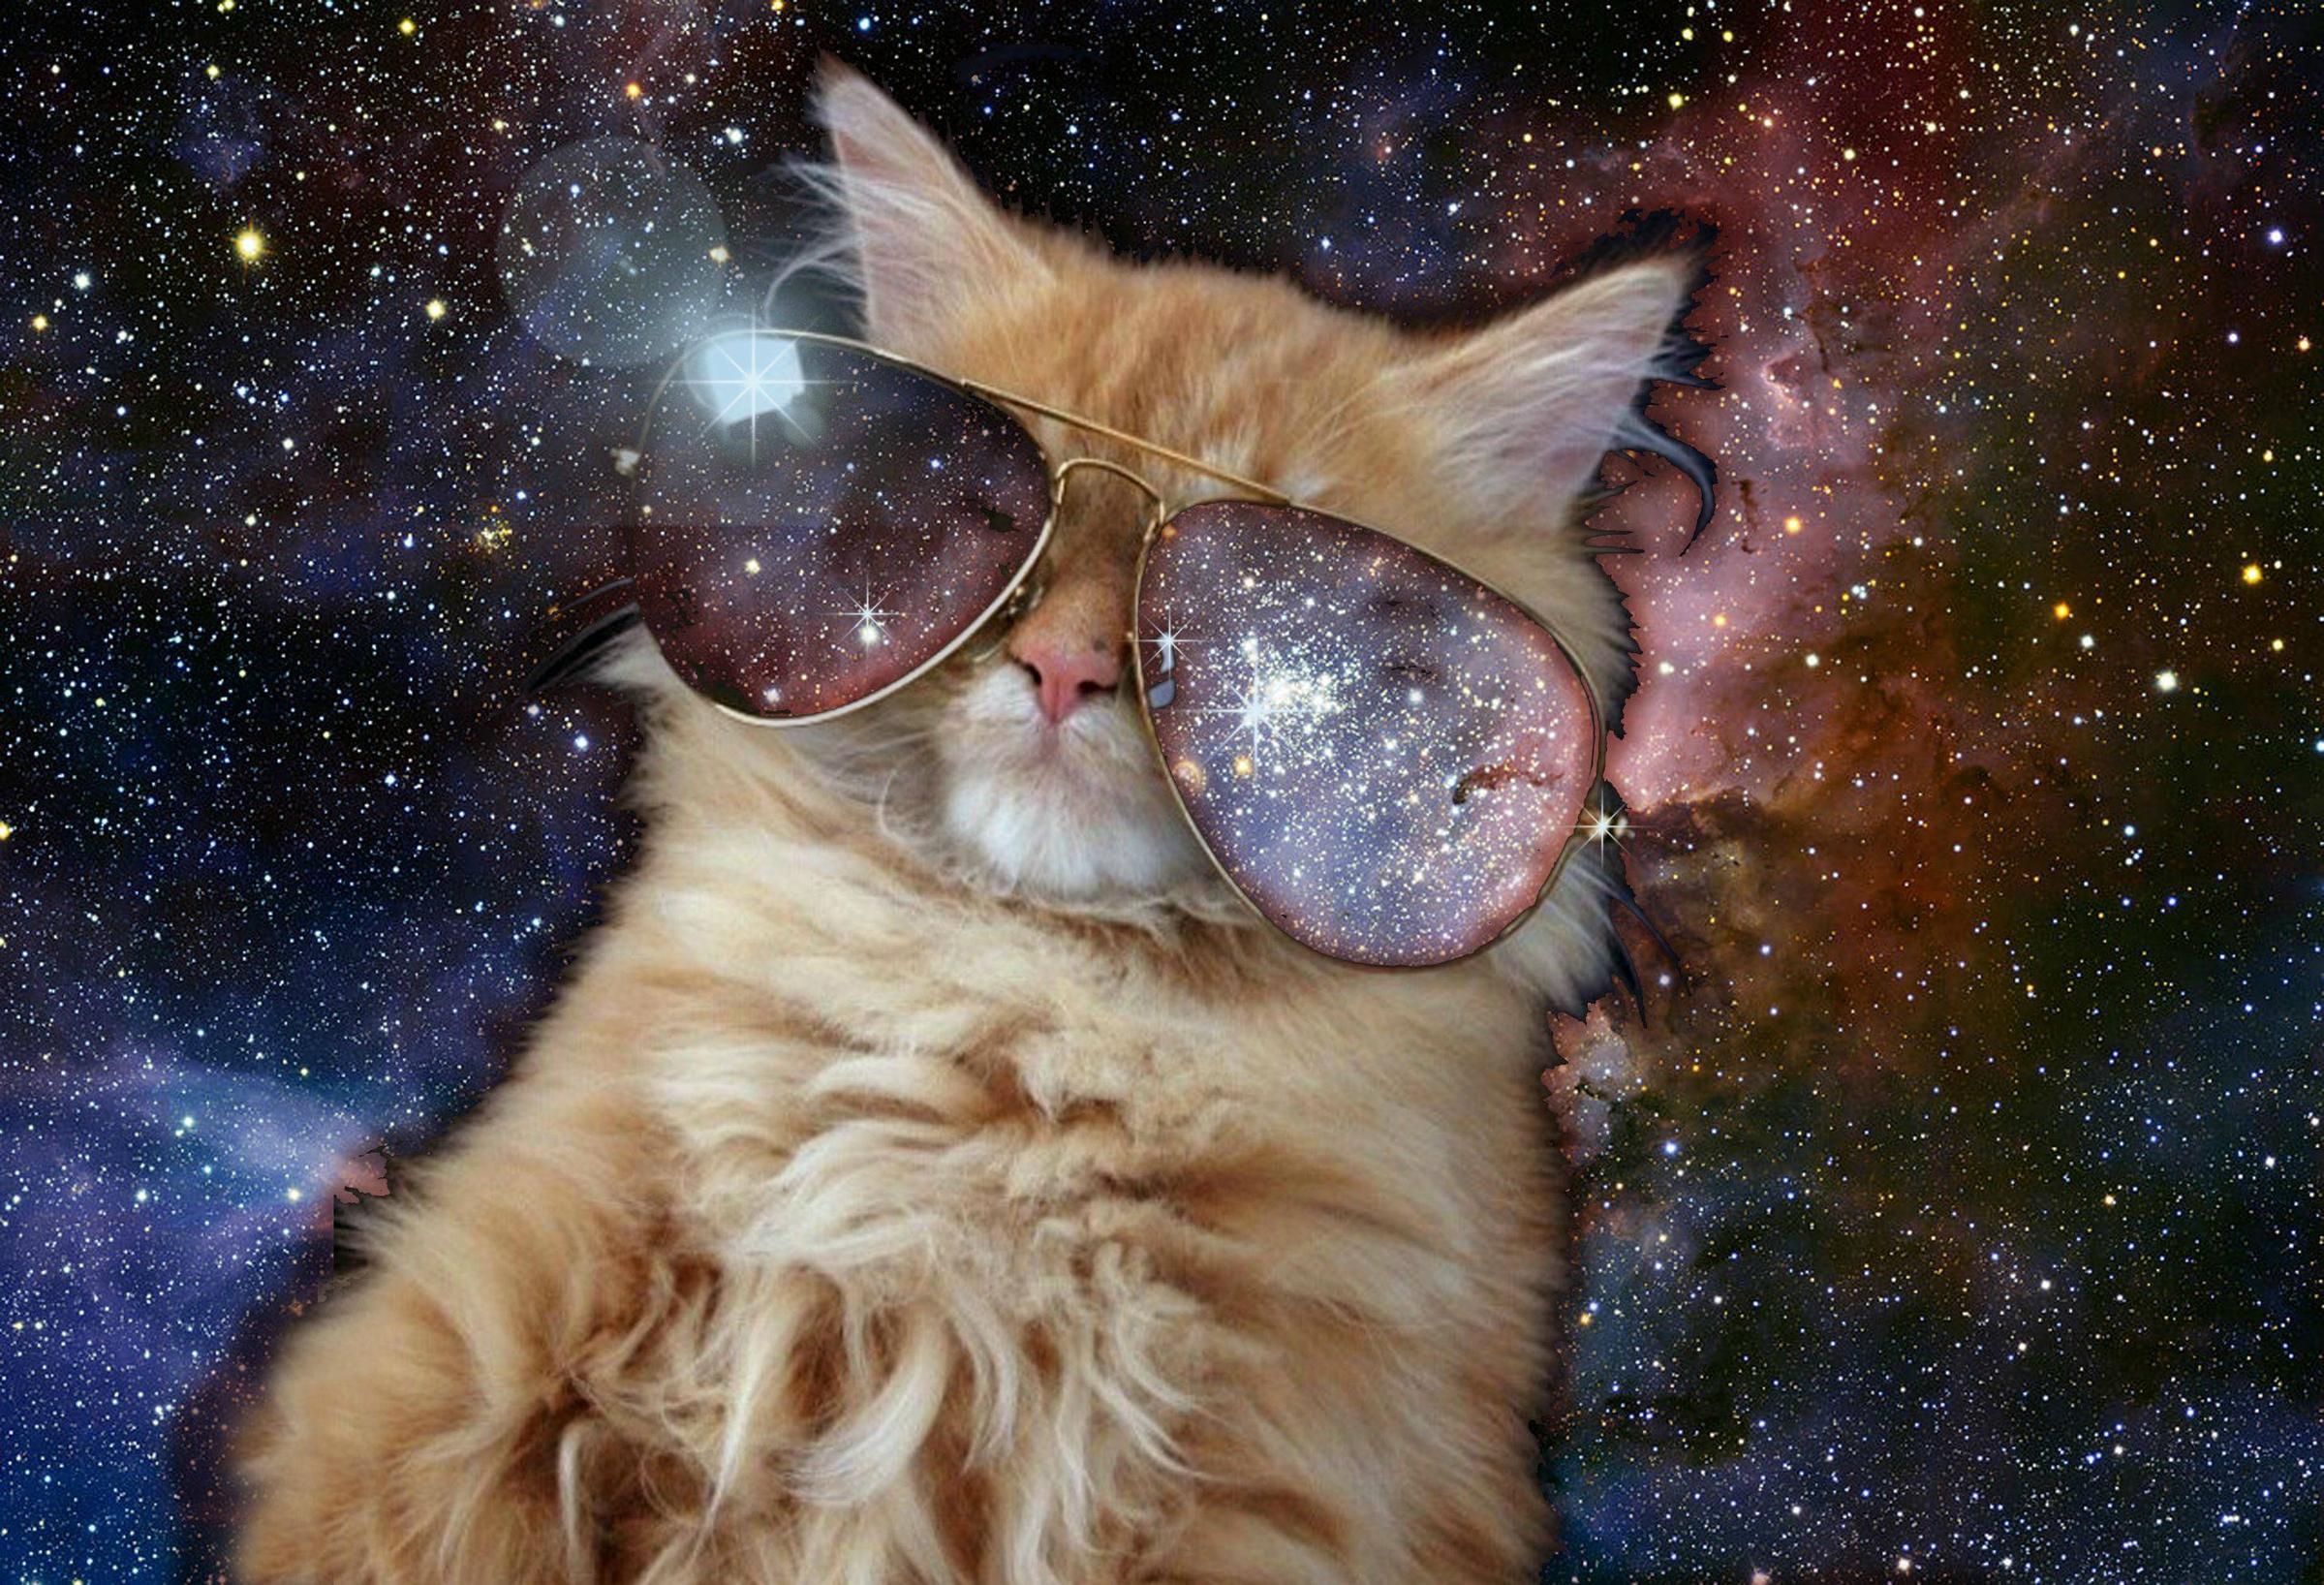 Space Cat Tumblr 2399x1636